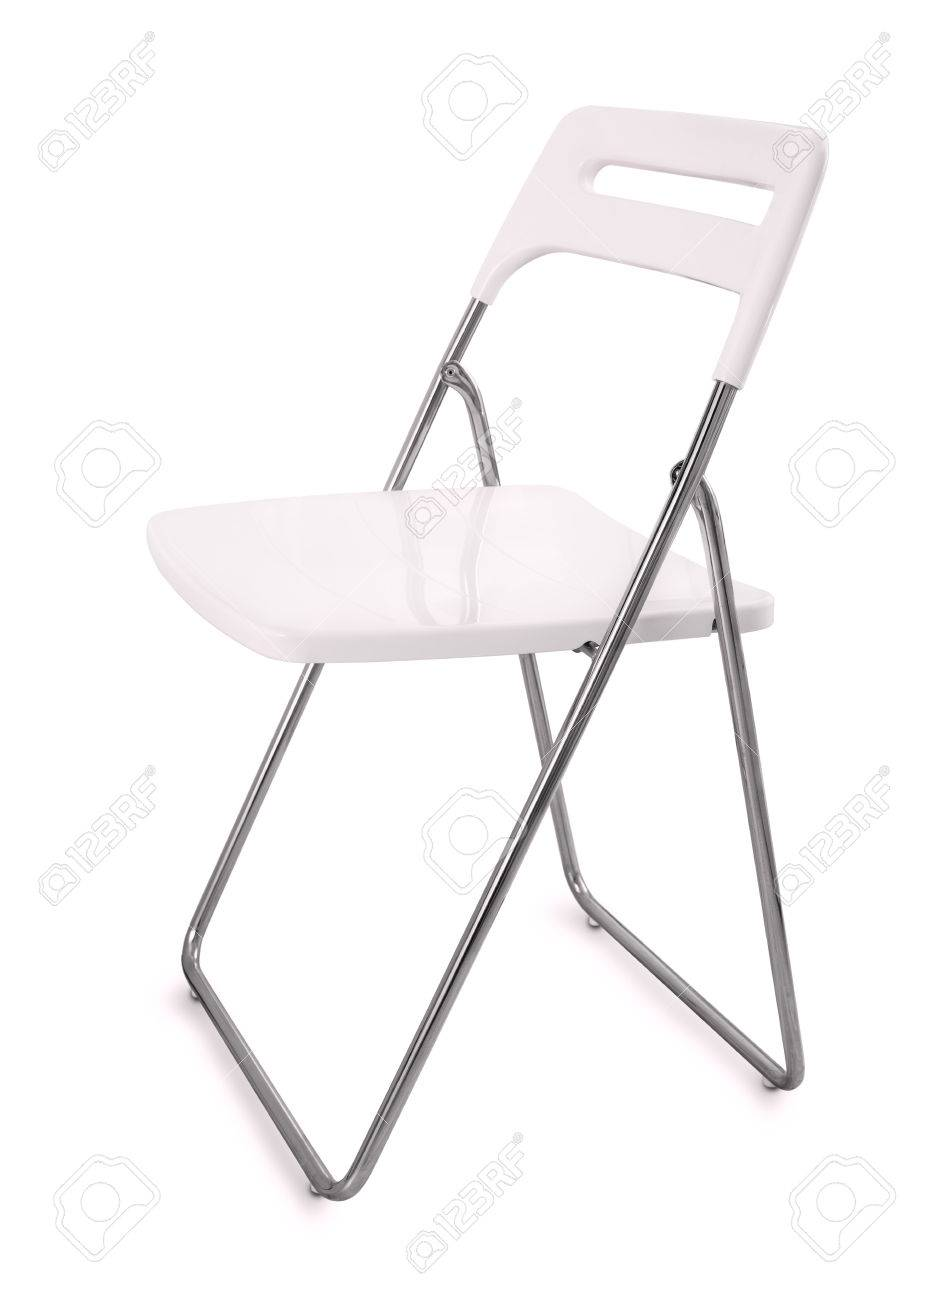 Pliante Plastique Chaise Isolé Sur Blanc kZuOwliPXT